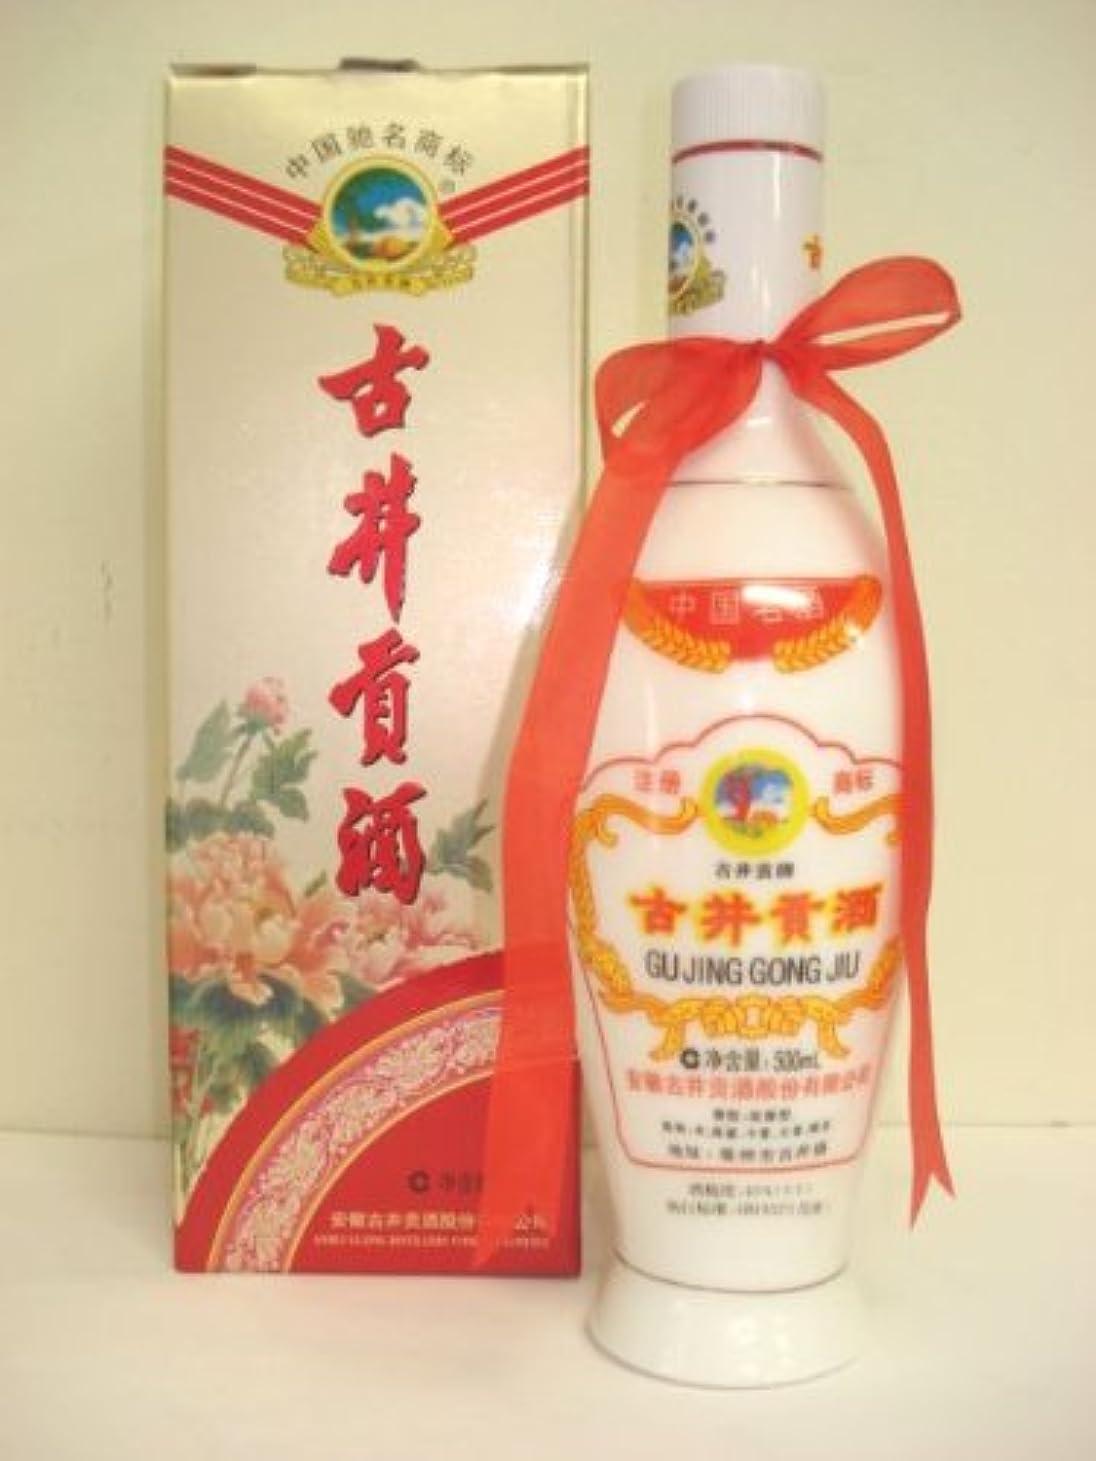 ジョガー空虚弱点中国八大銘酒のひとつ「古井貢酒」 白瓶 500ml 45度